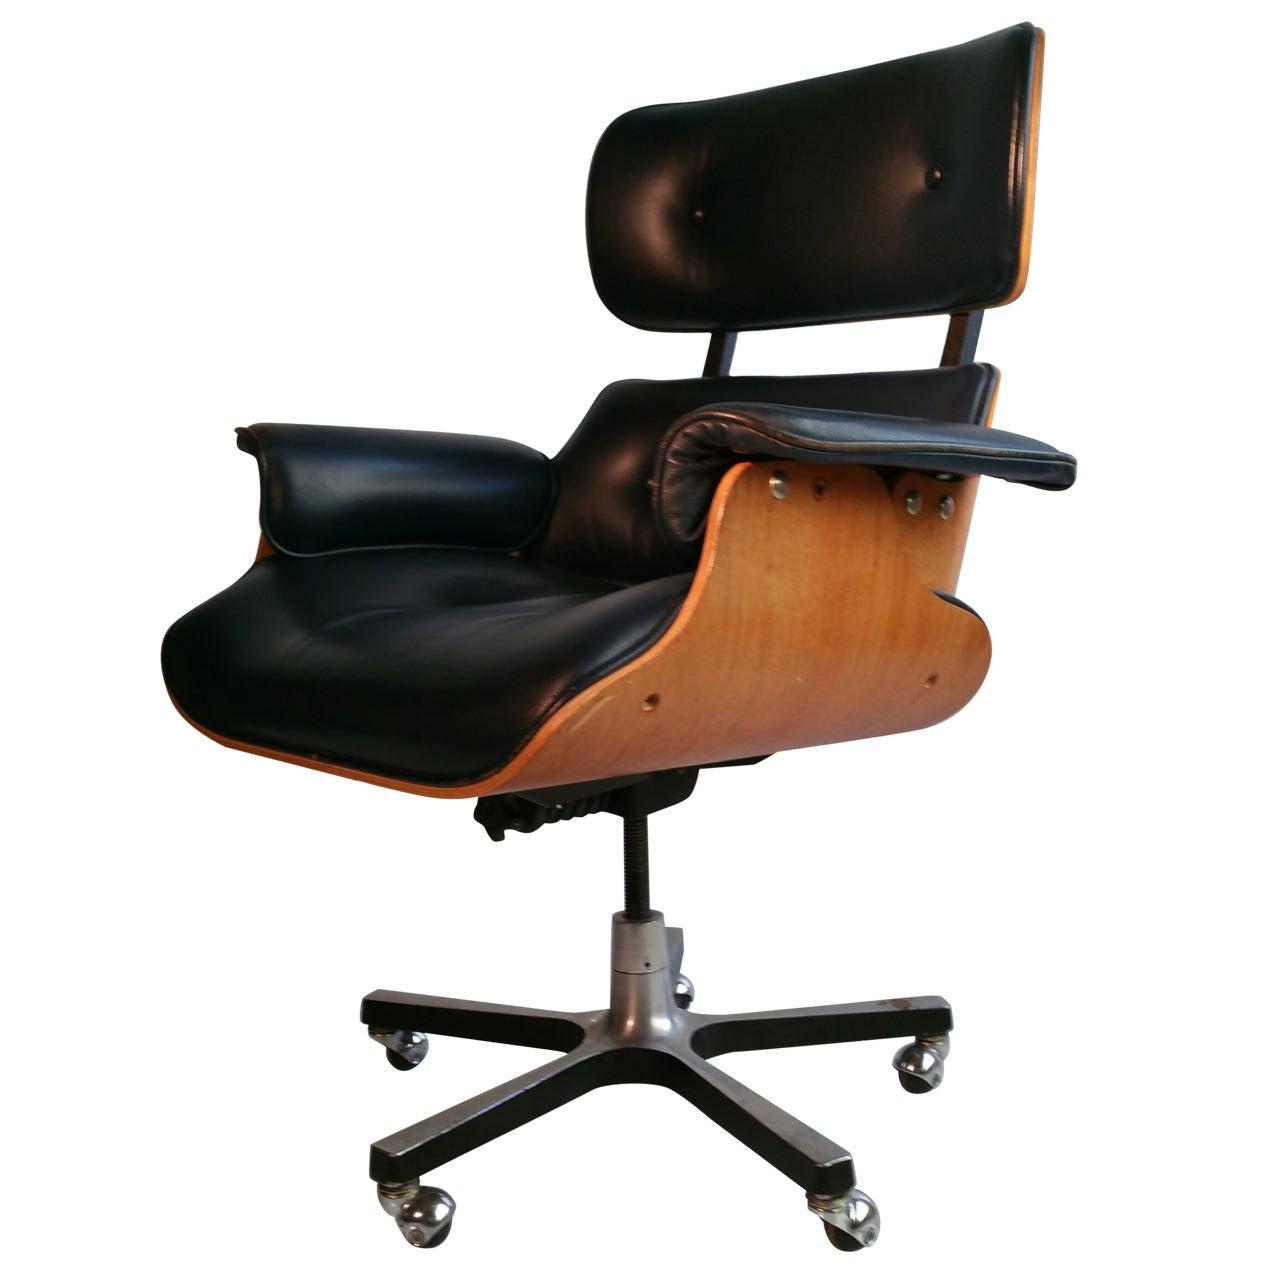 Eames Desk Chair